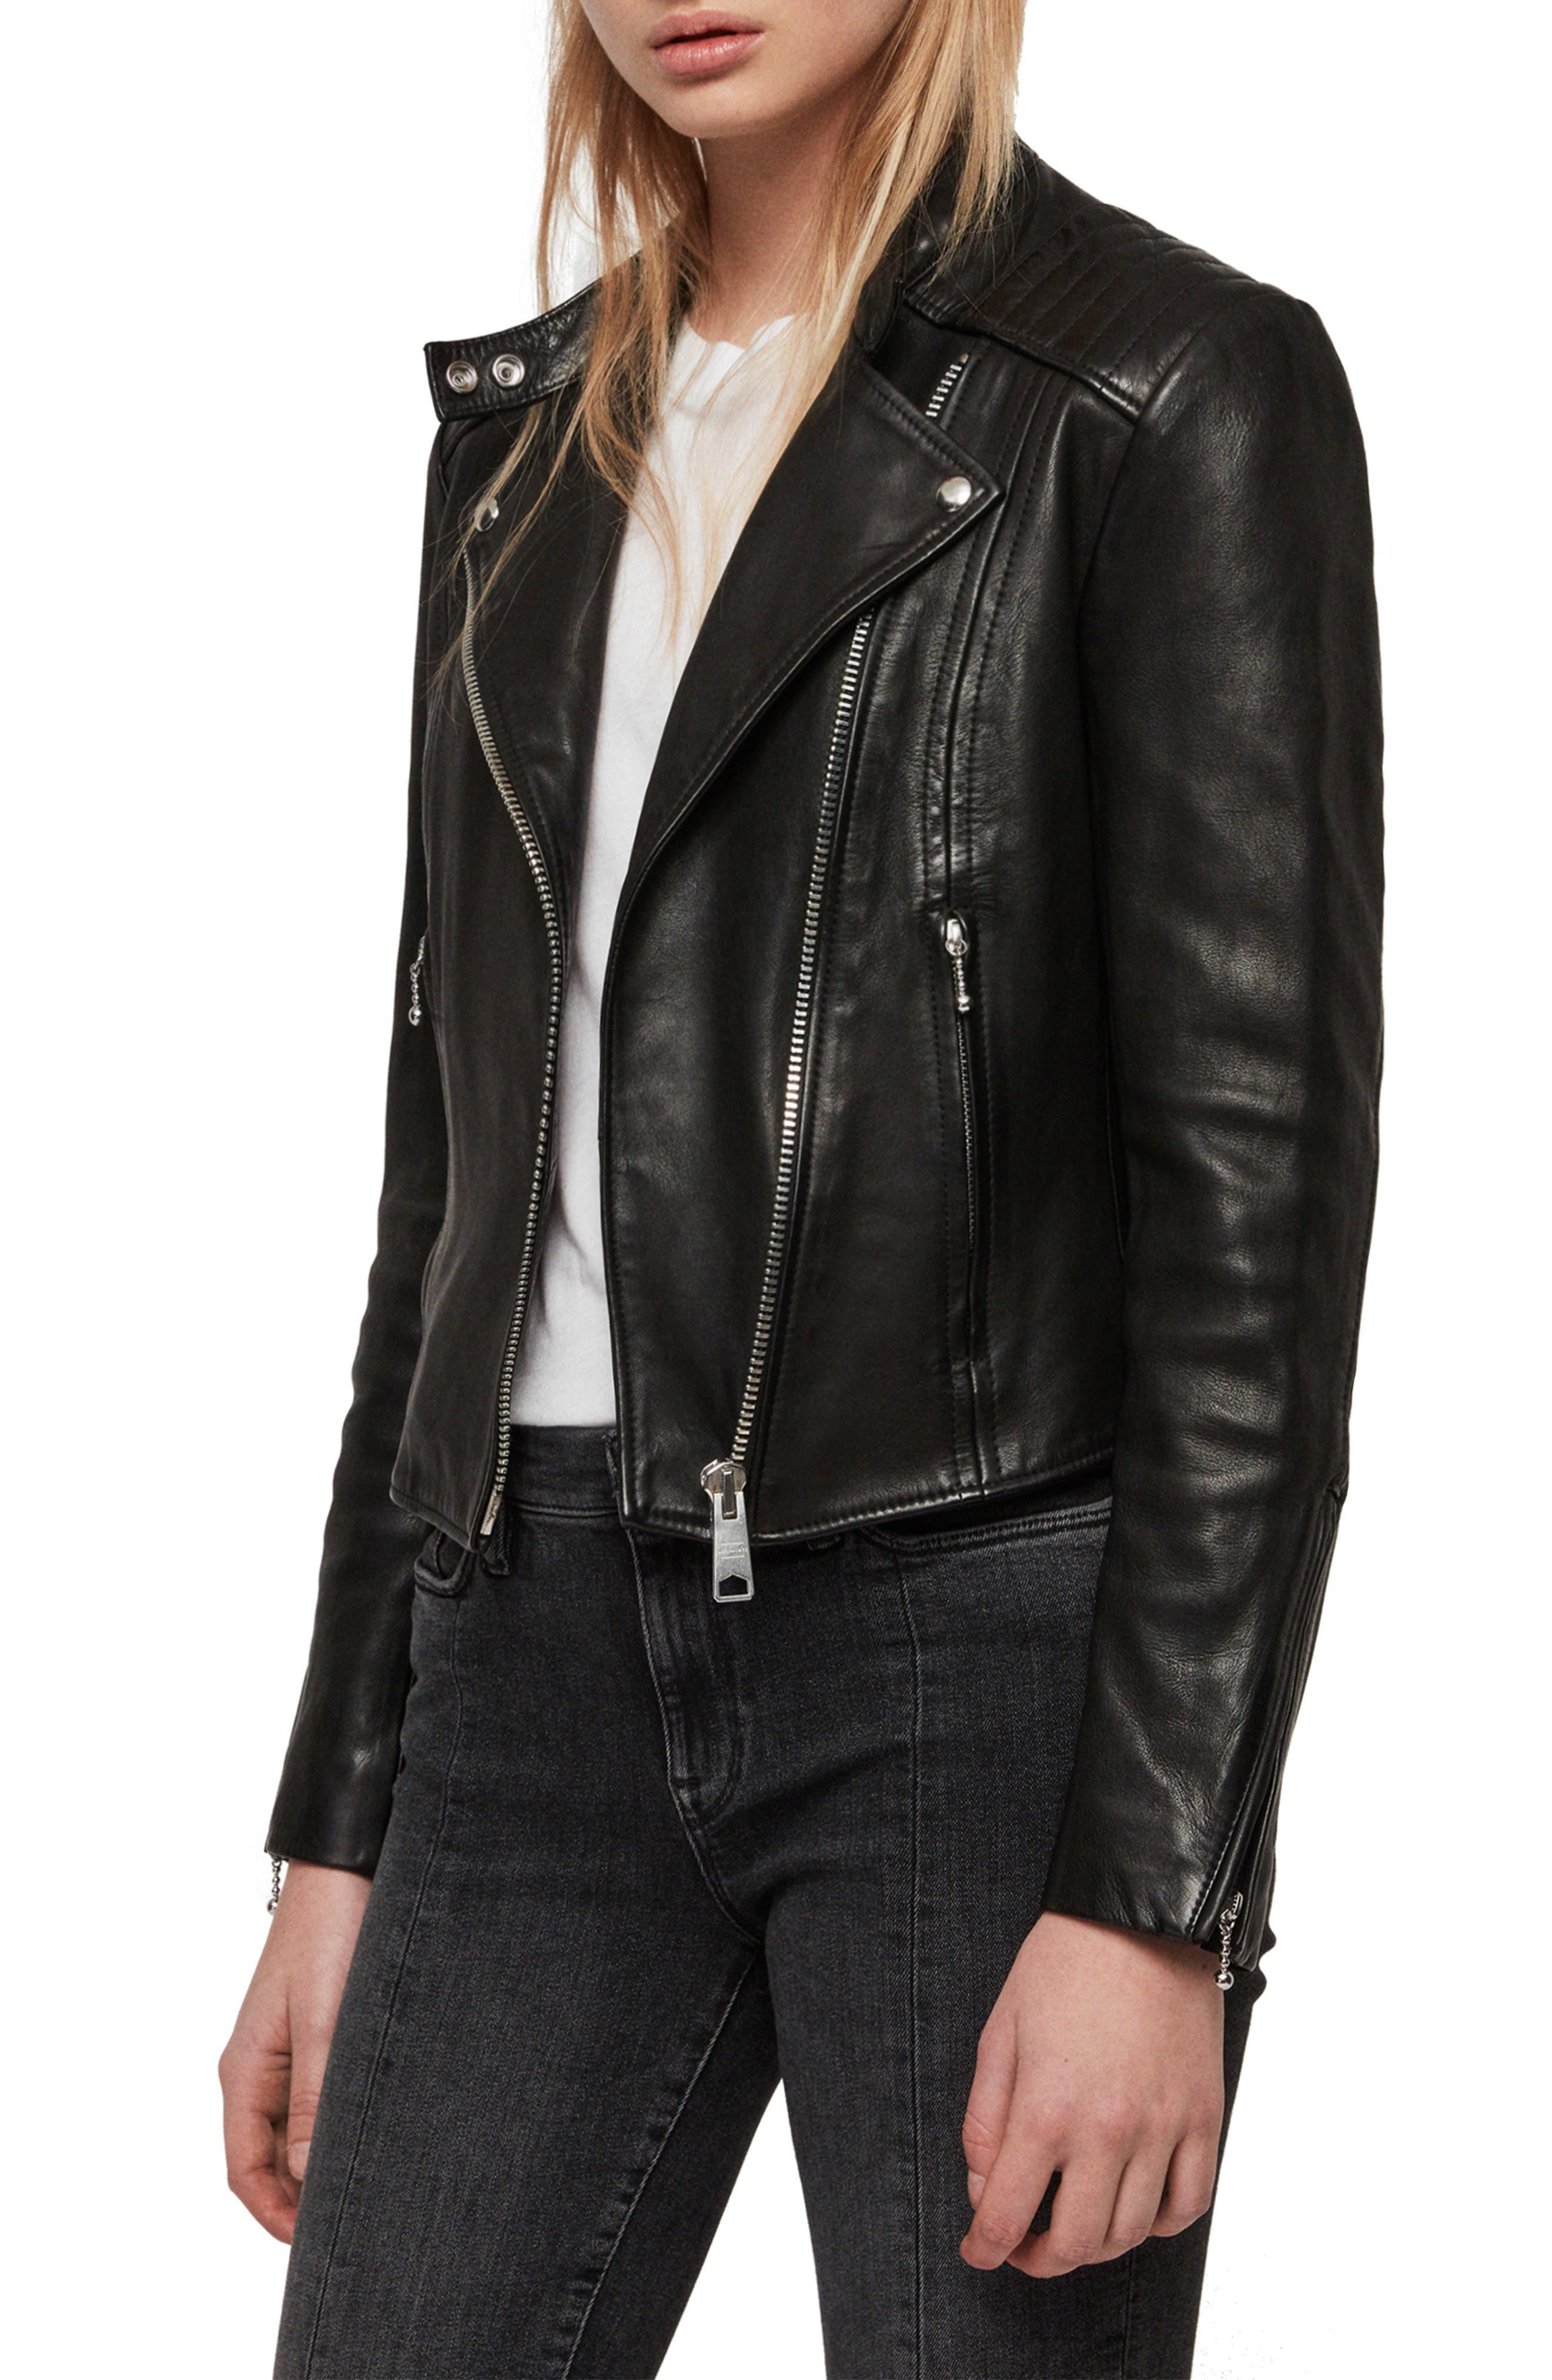 ALLSAINTS, Bircham Leather Biker Jacket, Main thumbnail 1, color, BLACK